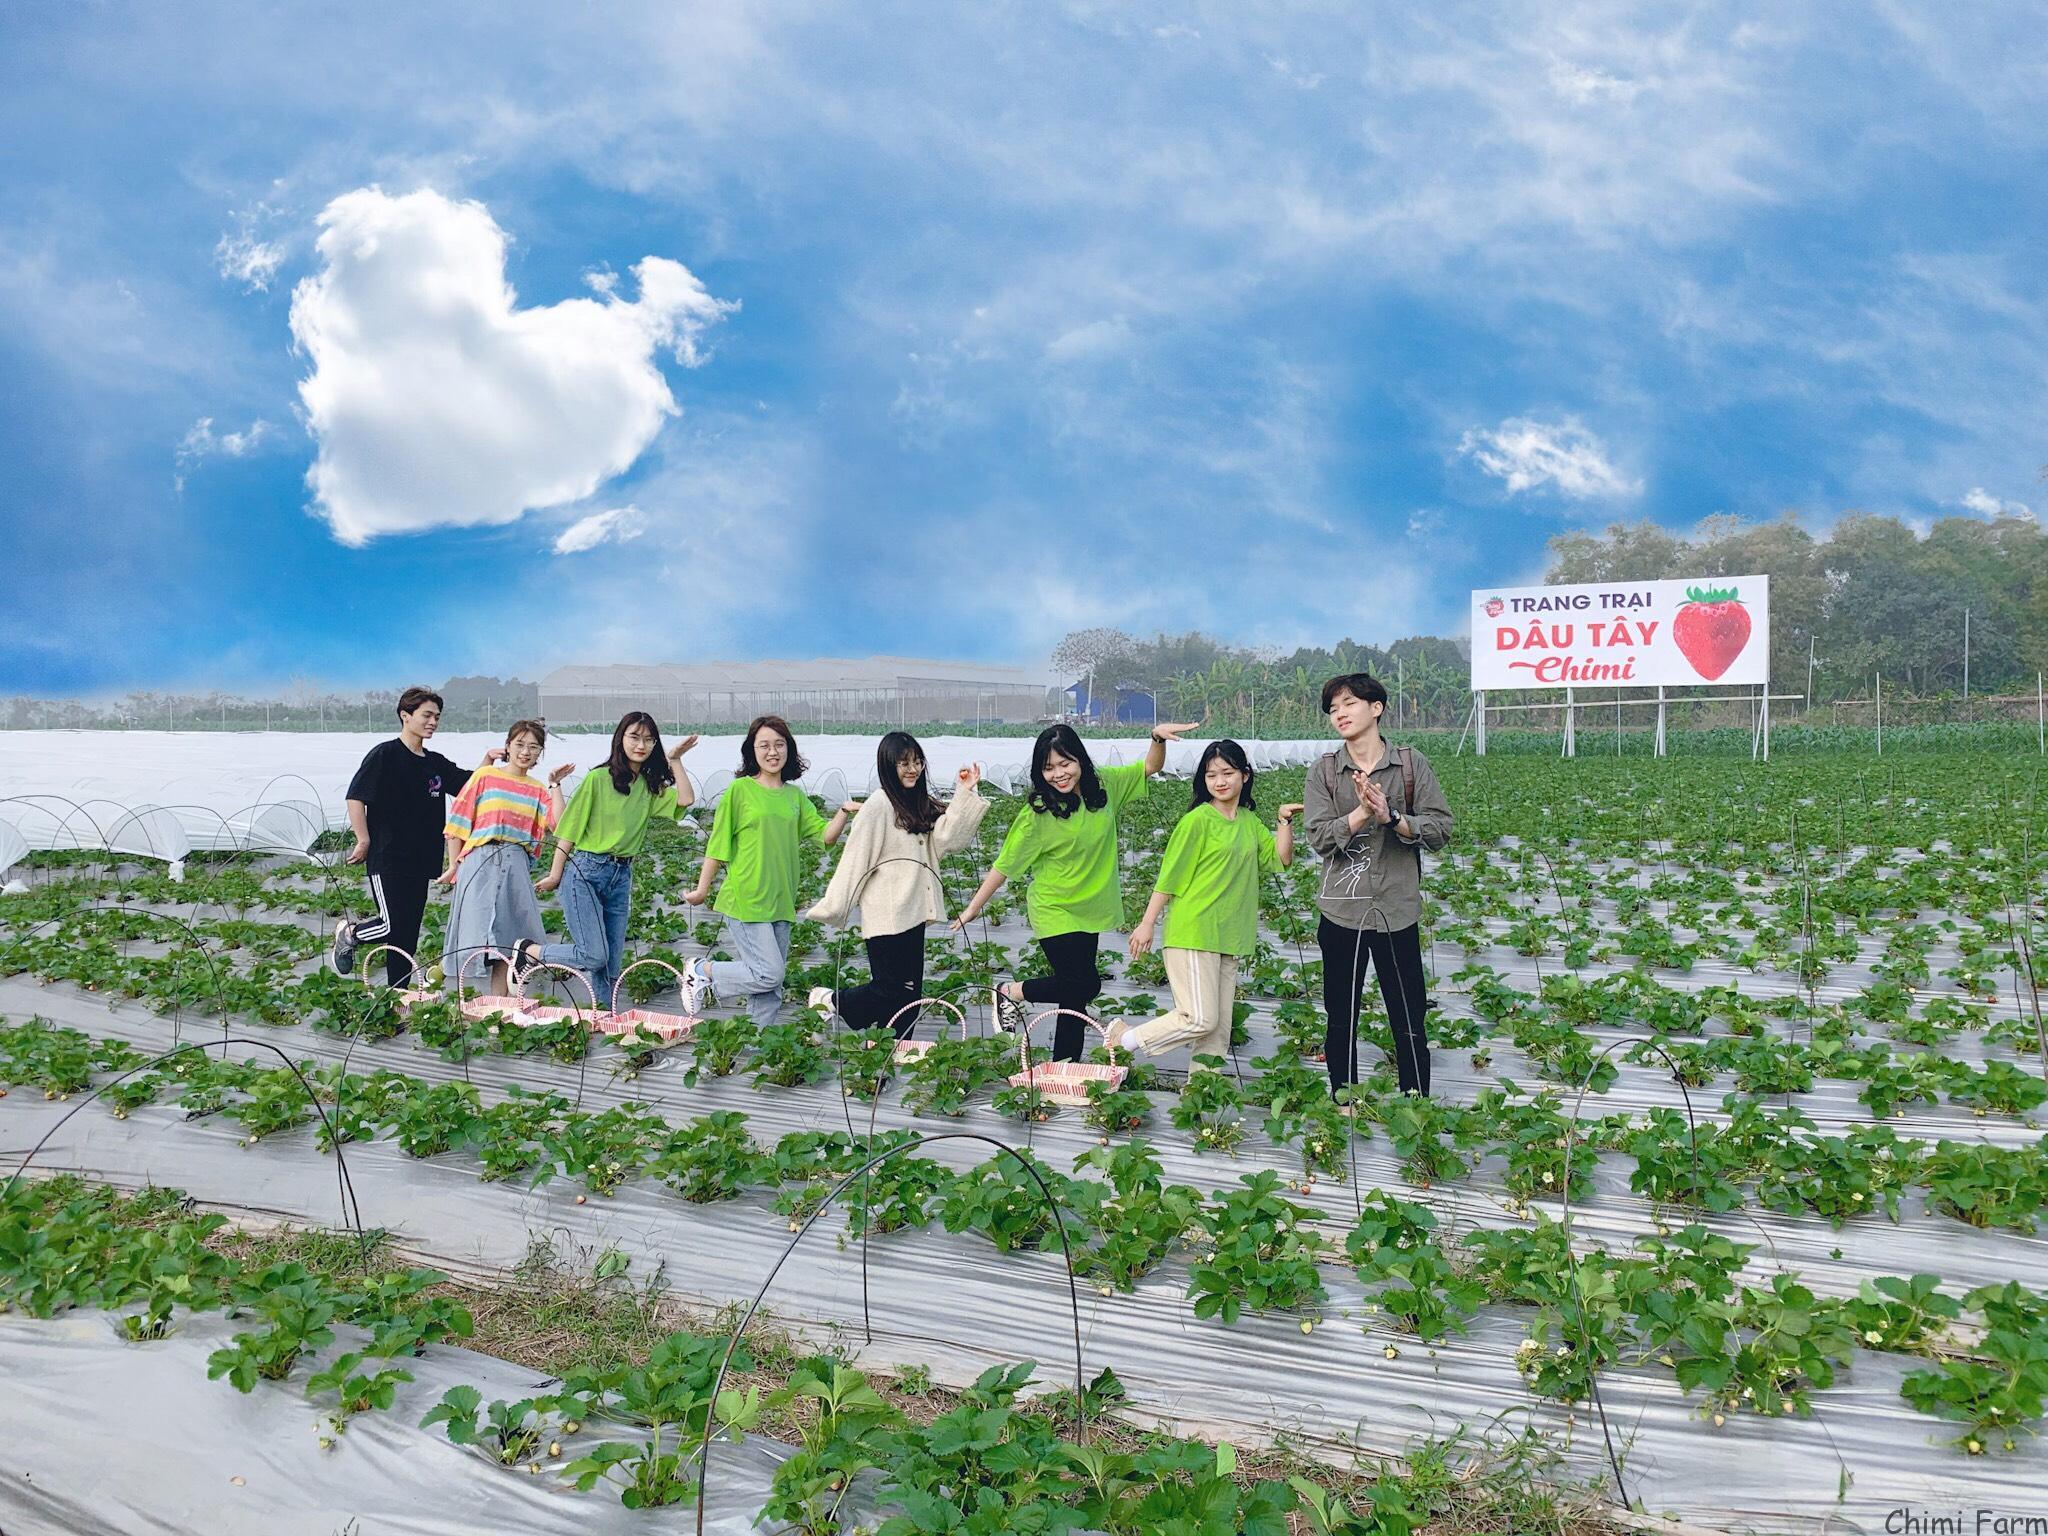 Chimi Farm Nhật Tân - Đông Anh đang thu hút được đông đảo du khách